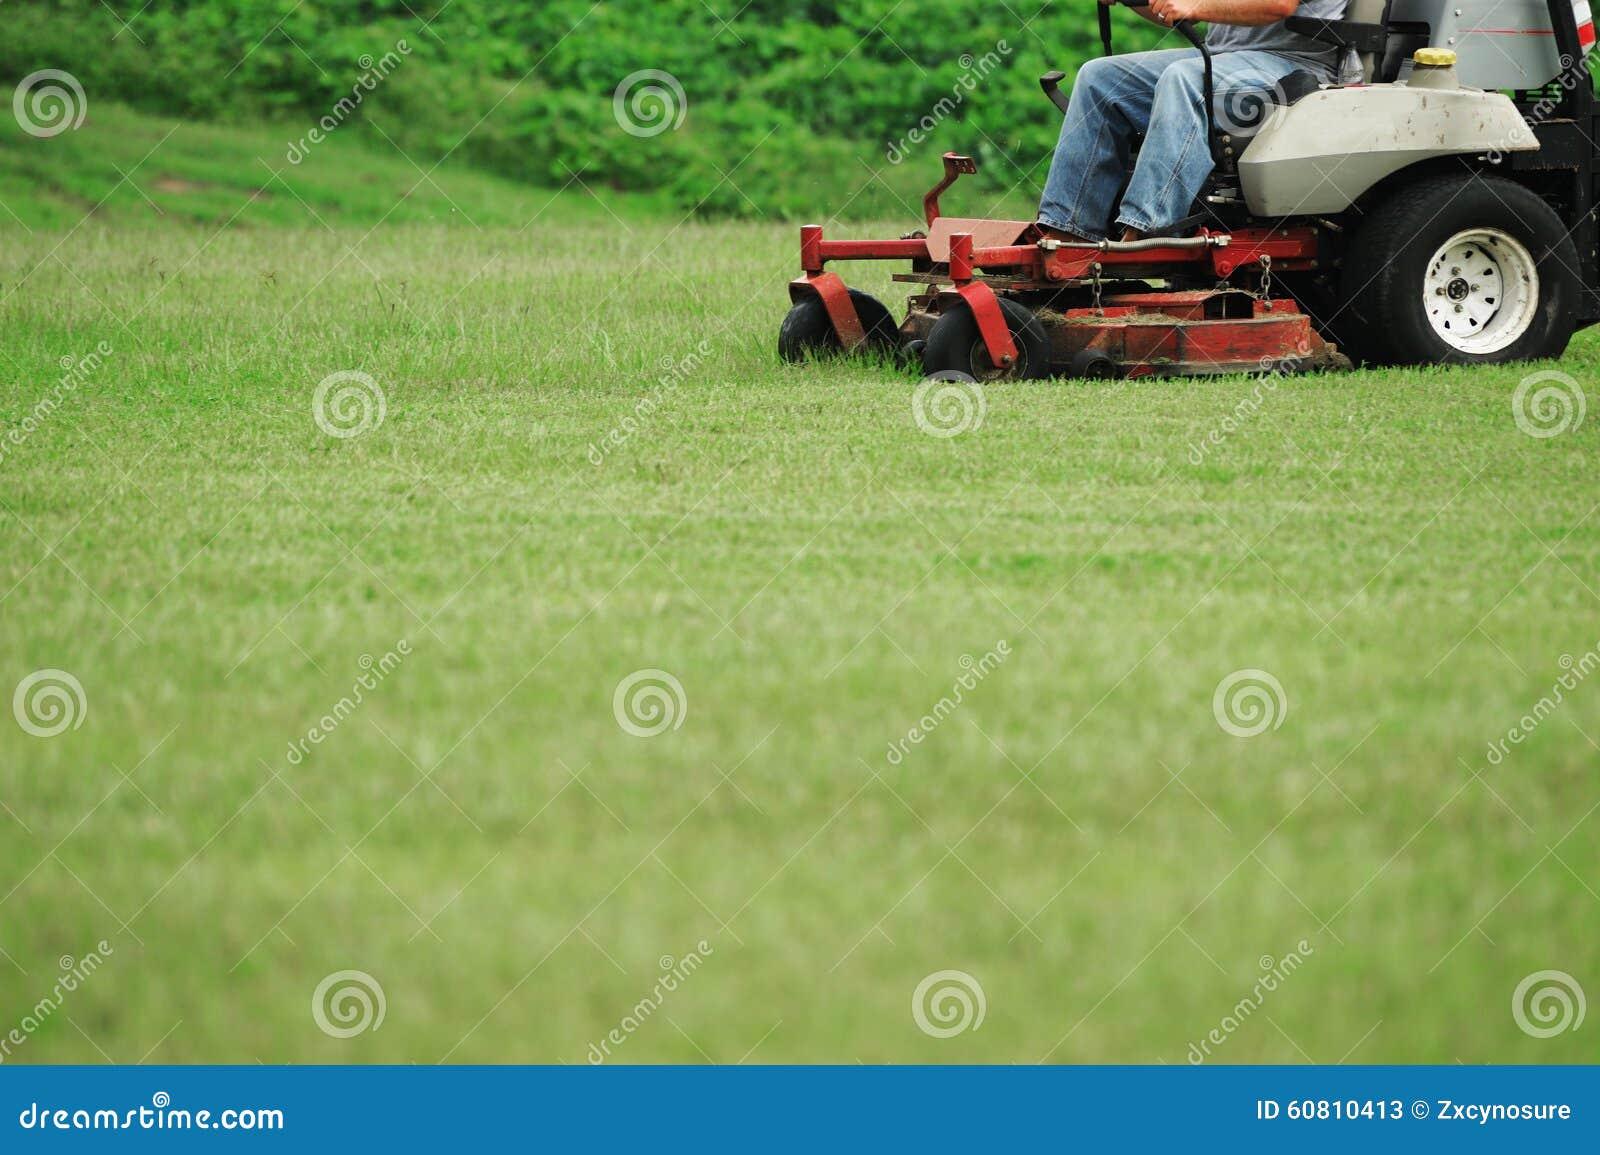 Fauchage de la pelouse